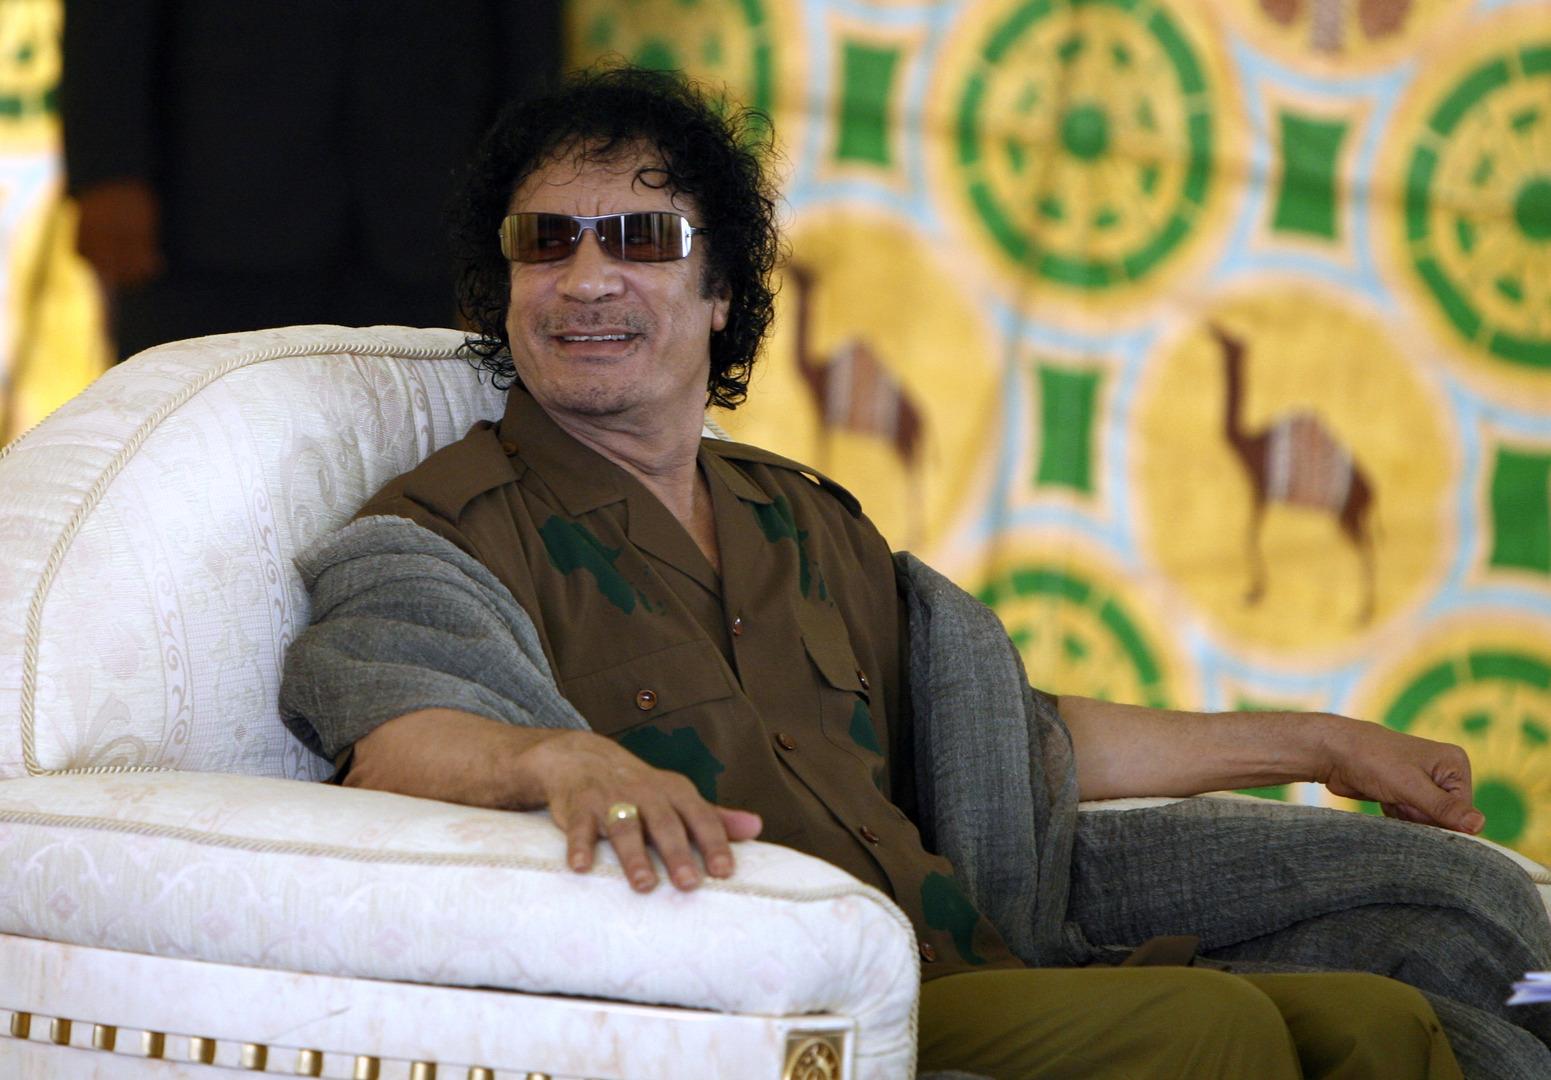 نفي ونفي مضاد للقاء السري المسرب من خيمة القذافي